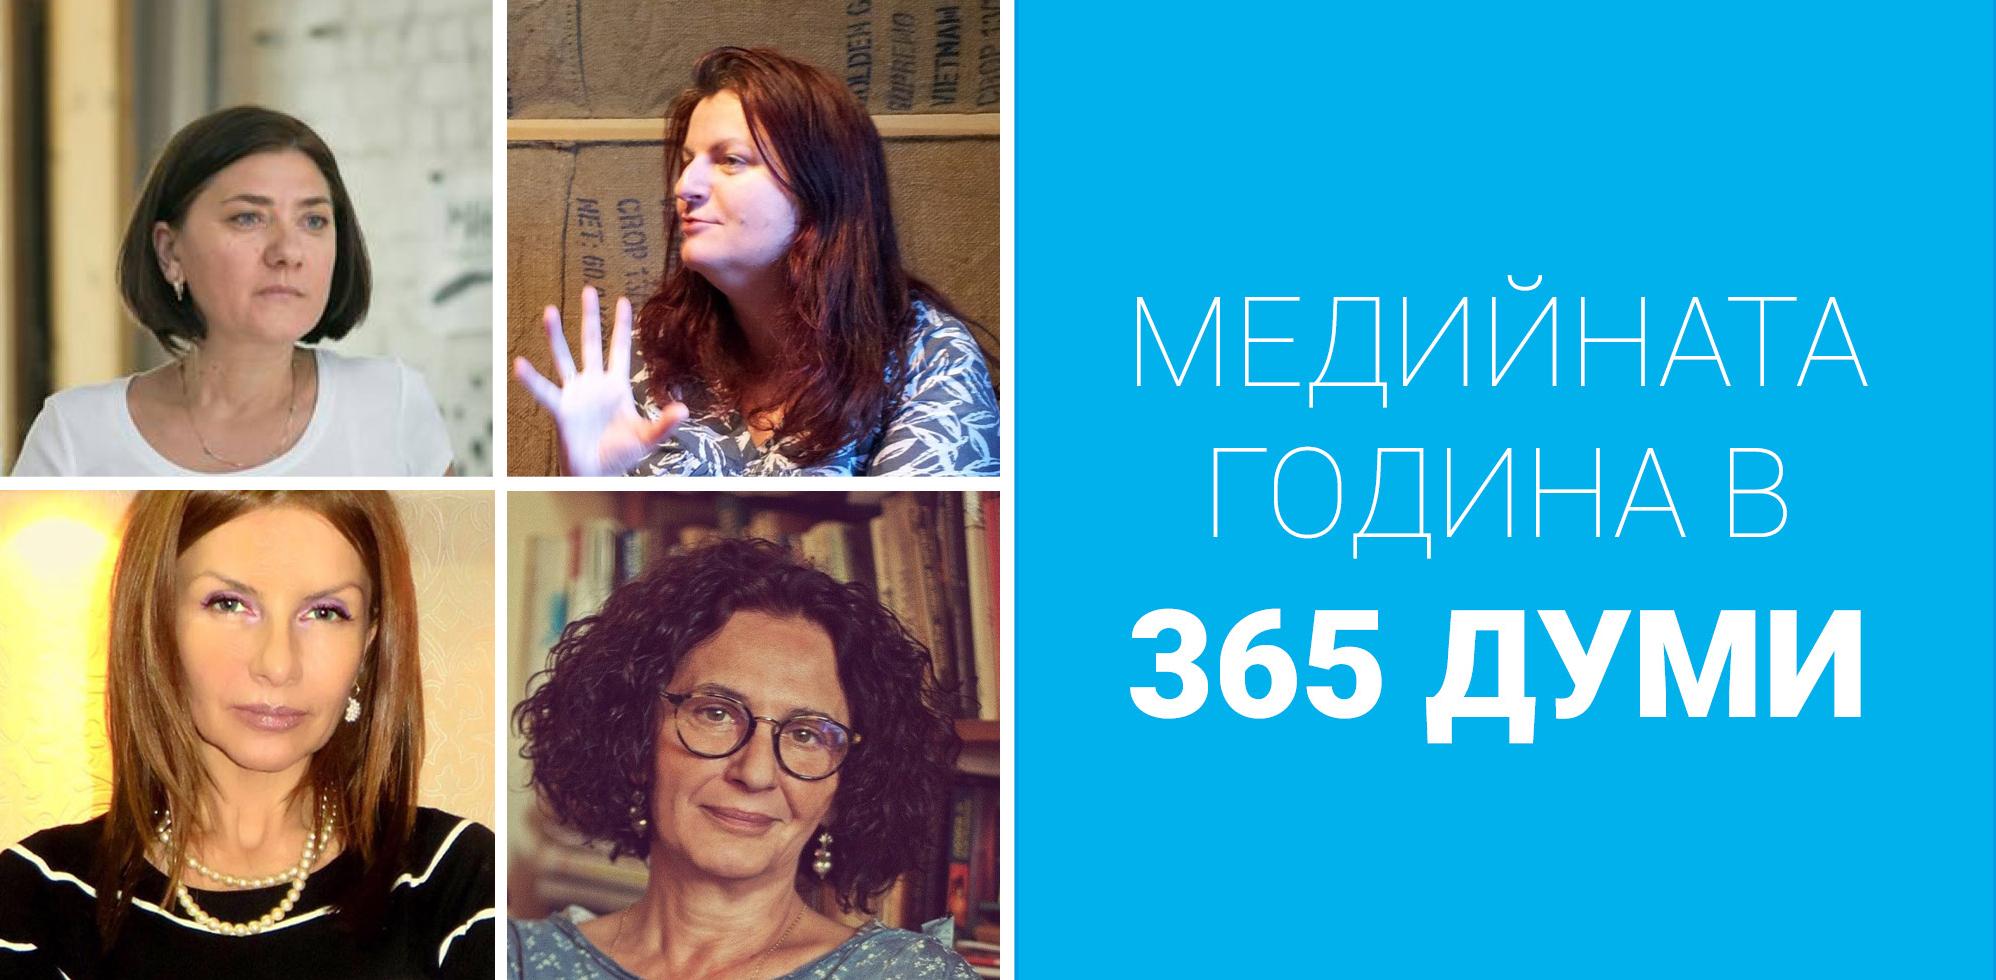 """Медийната 2017 година в """"365 думи"""""""